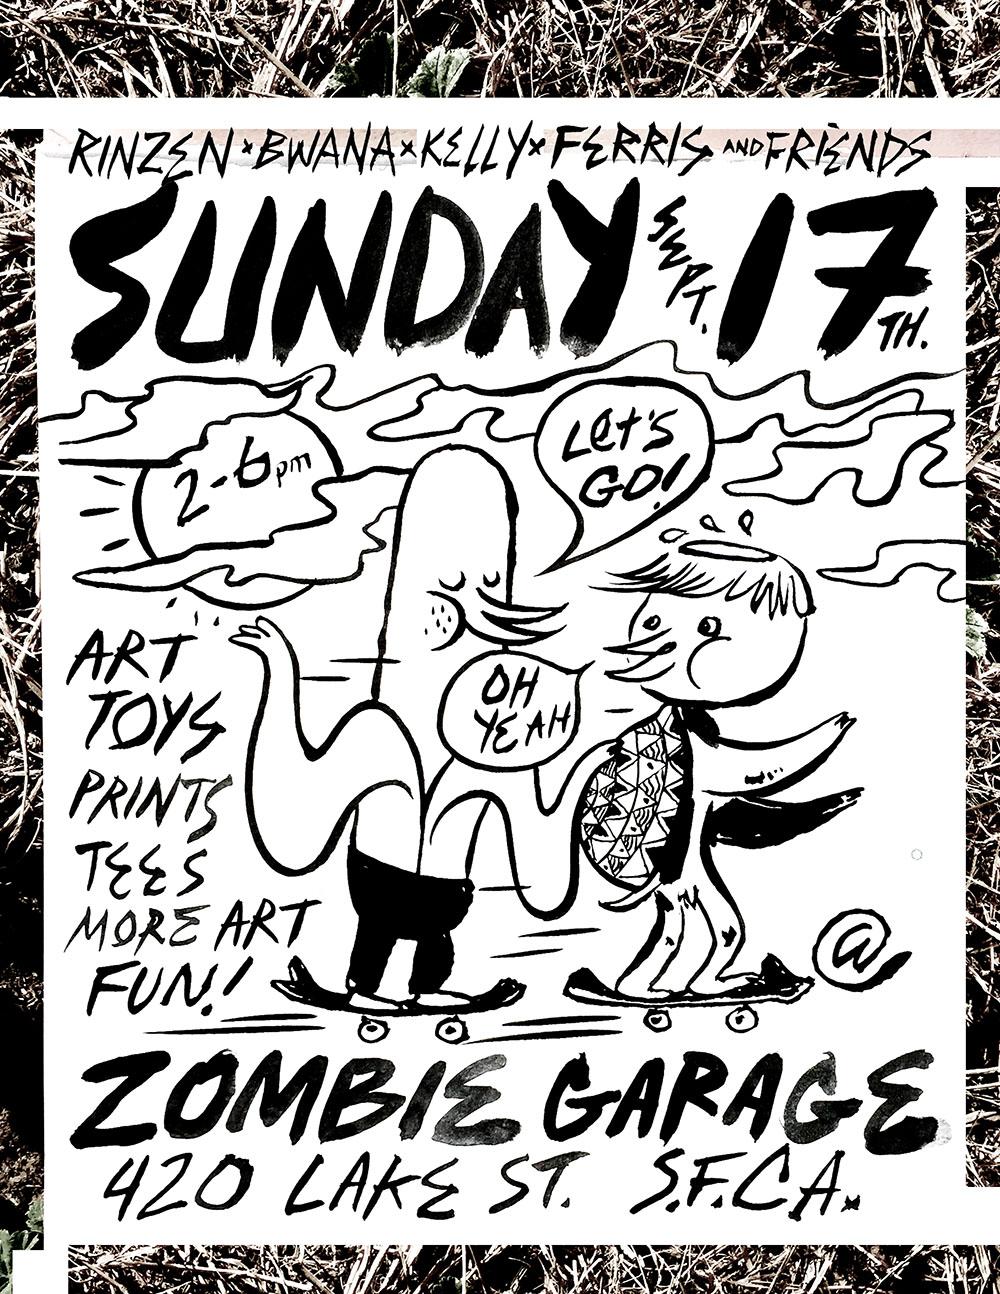 zombie garage01webz.jpg